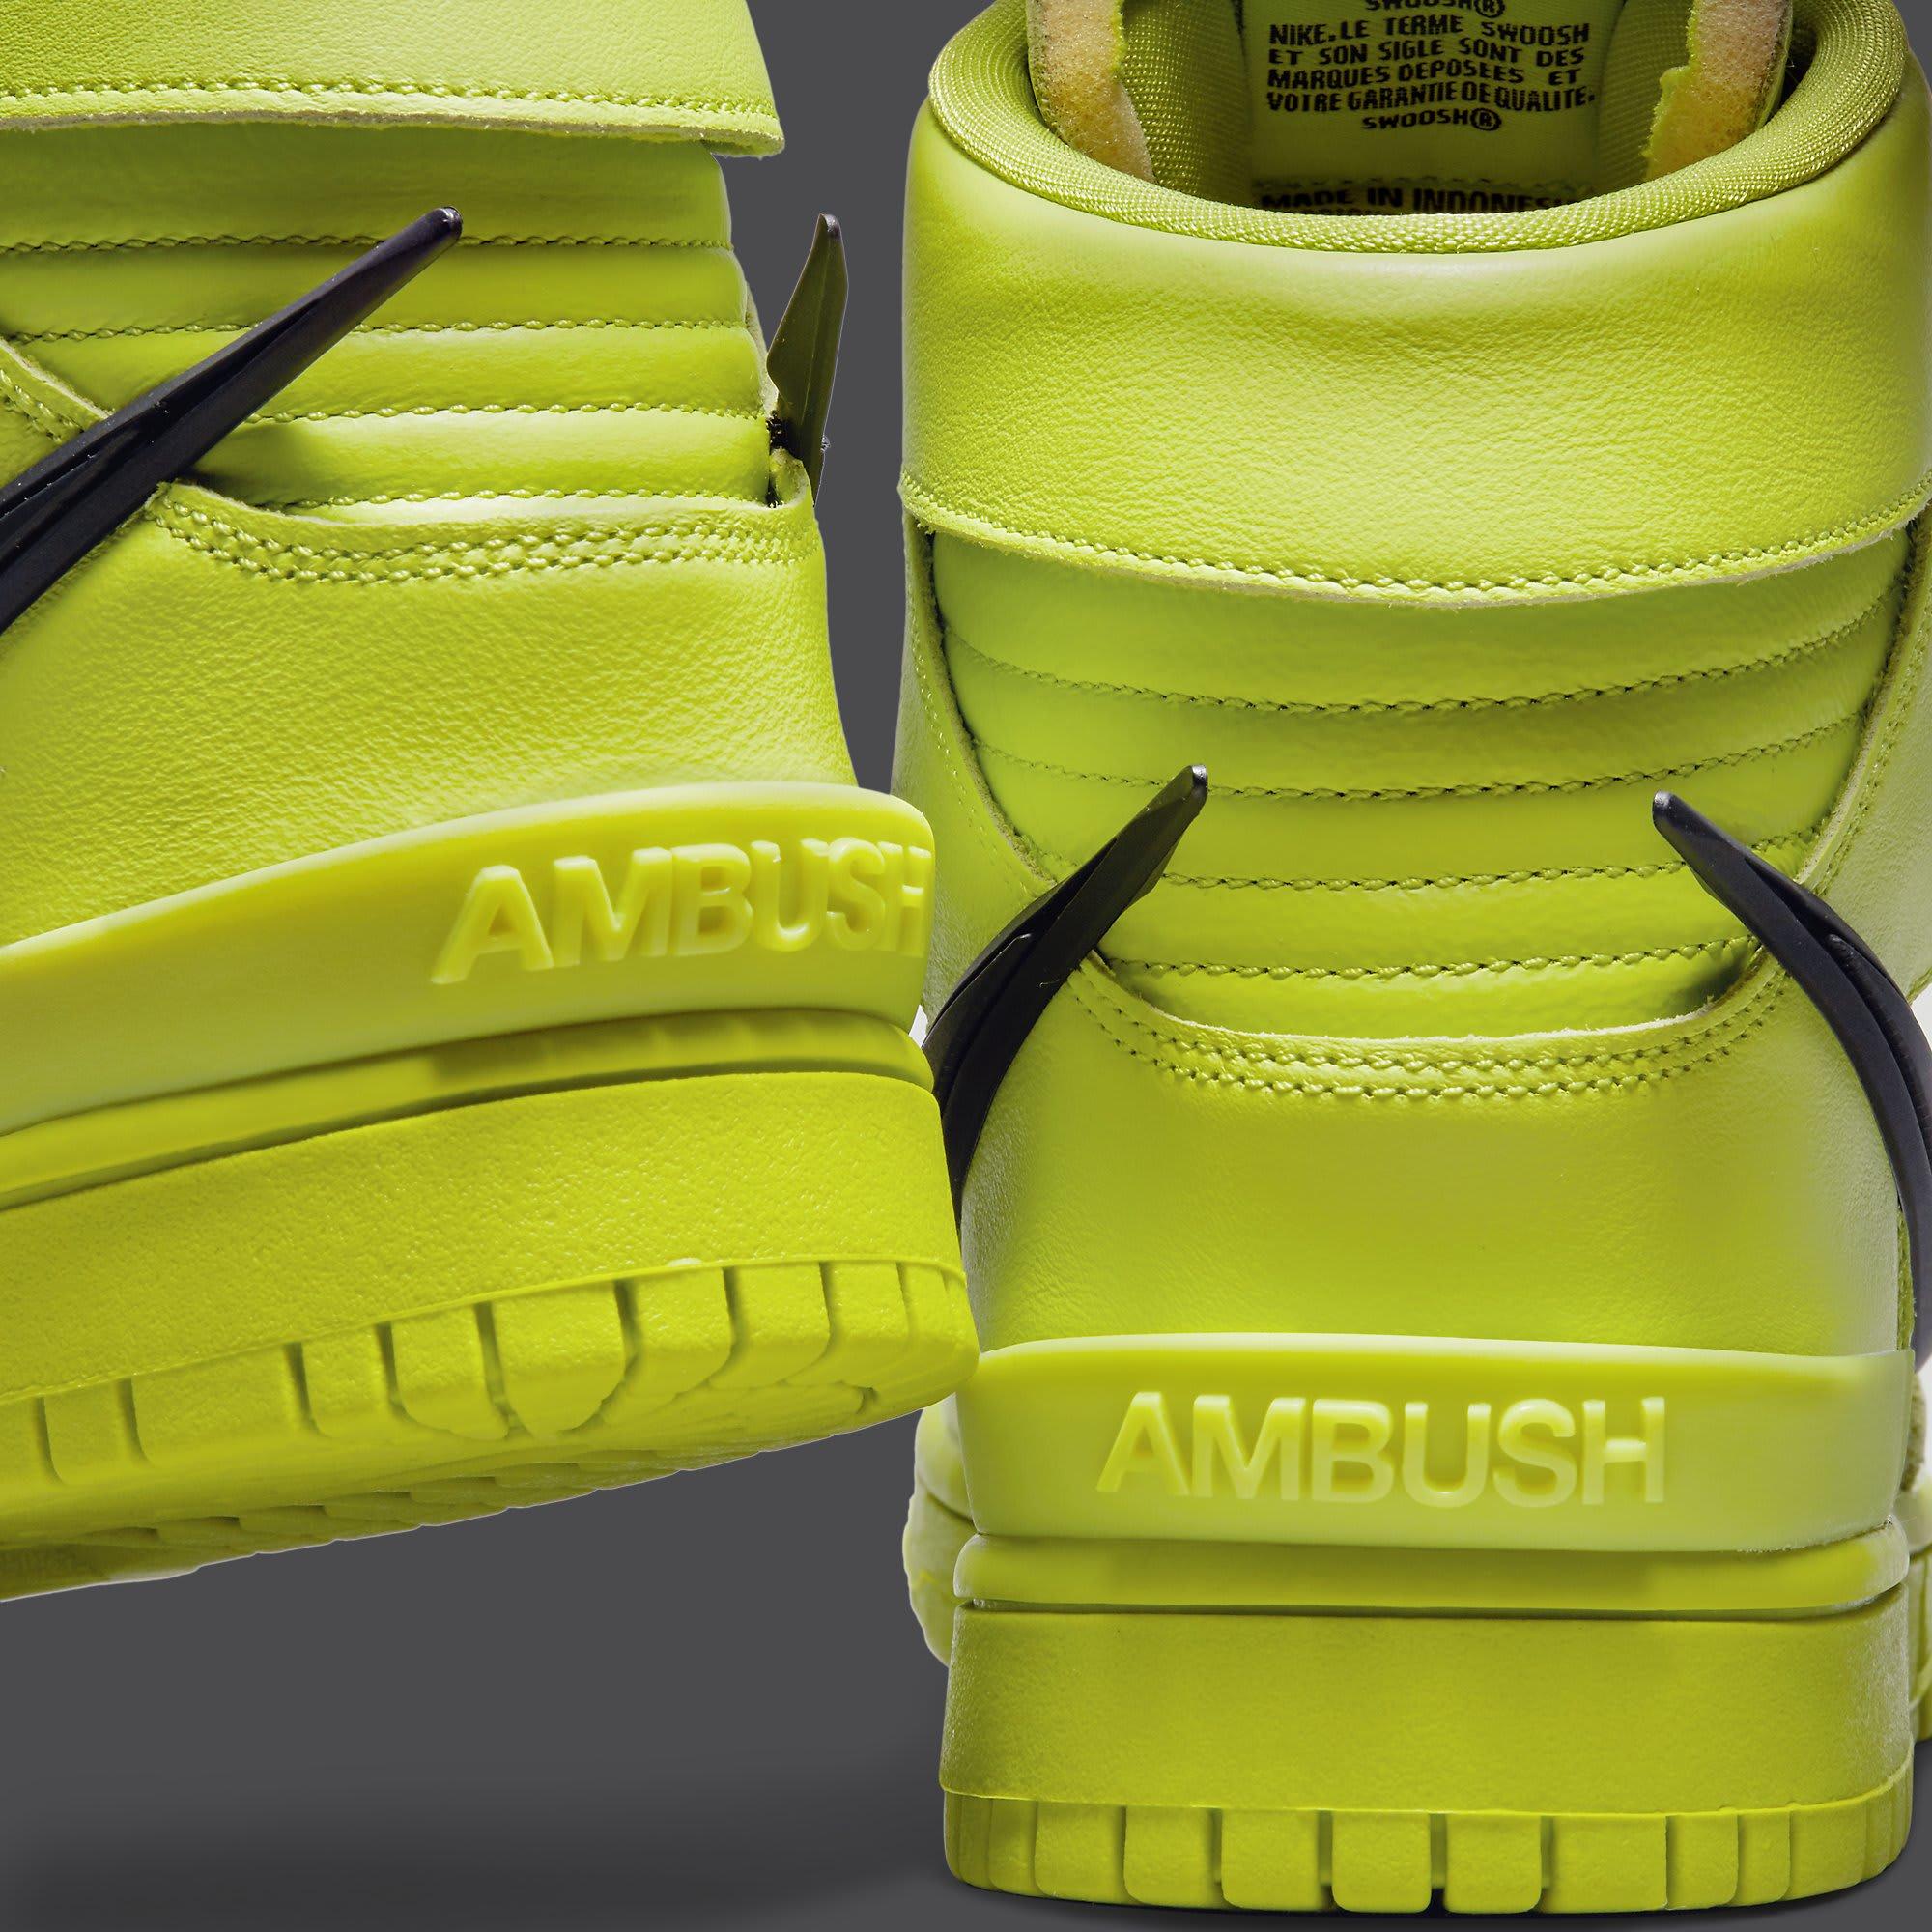 Ambush x Nike Dunk High Atomic Green Release Date CU7544-300 Heel Close